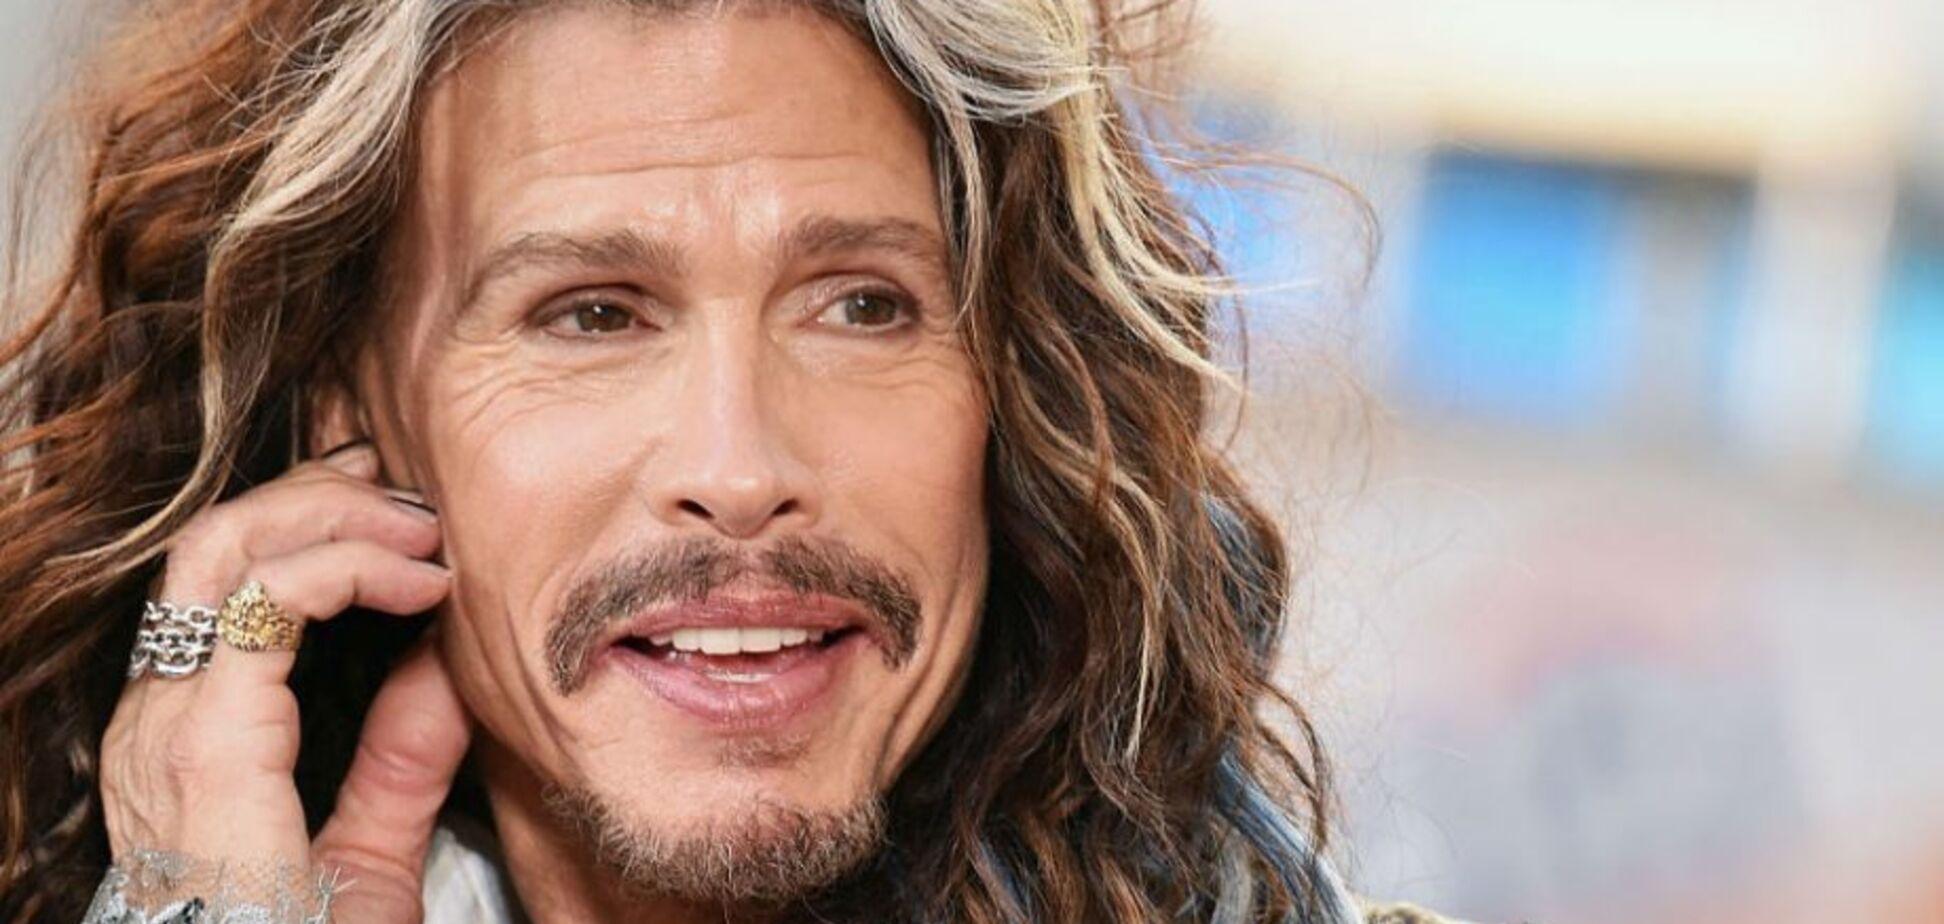 Лідер Aerosmith: ''Найкращий спосіб залізти жінці у штани — це позичити її джинси''